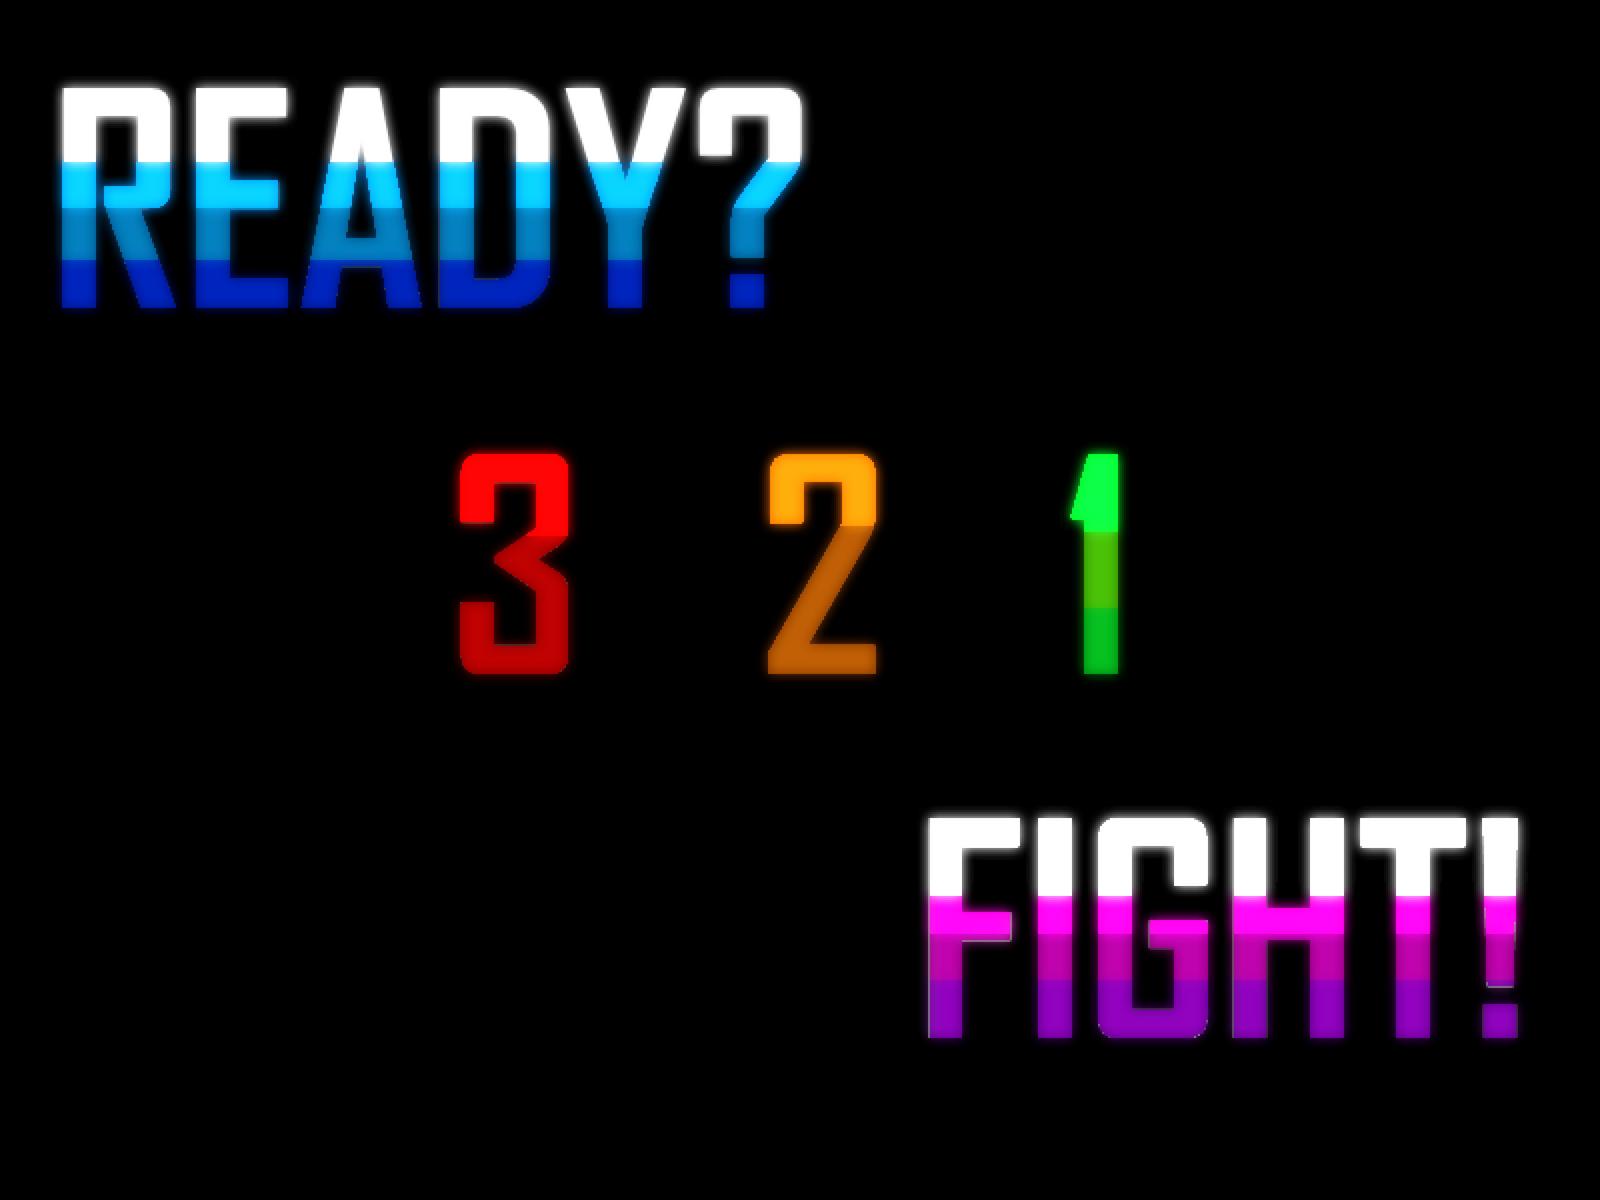 Fighting Game Sprites By Discxrd On Deviantart